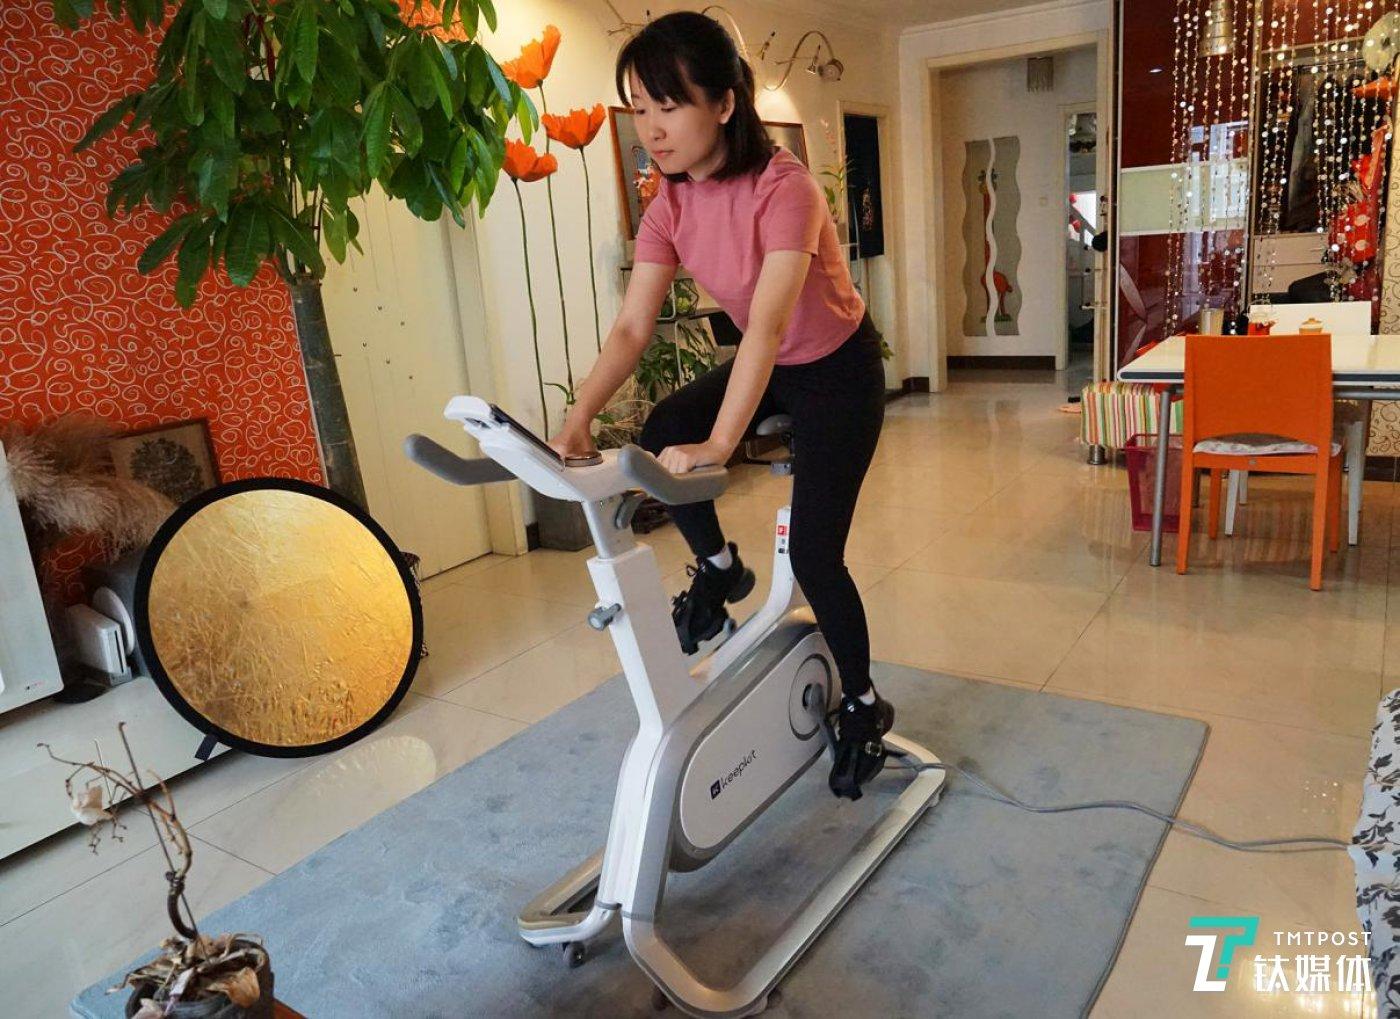 Keep动感单车课程的多样化,可以满足用户有针对性的高效能锻炼